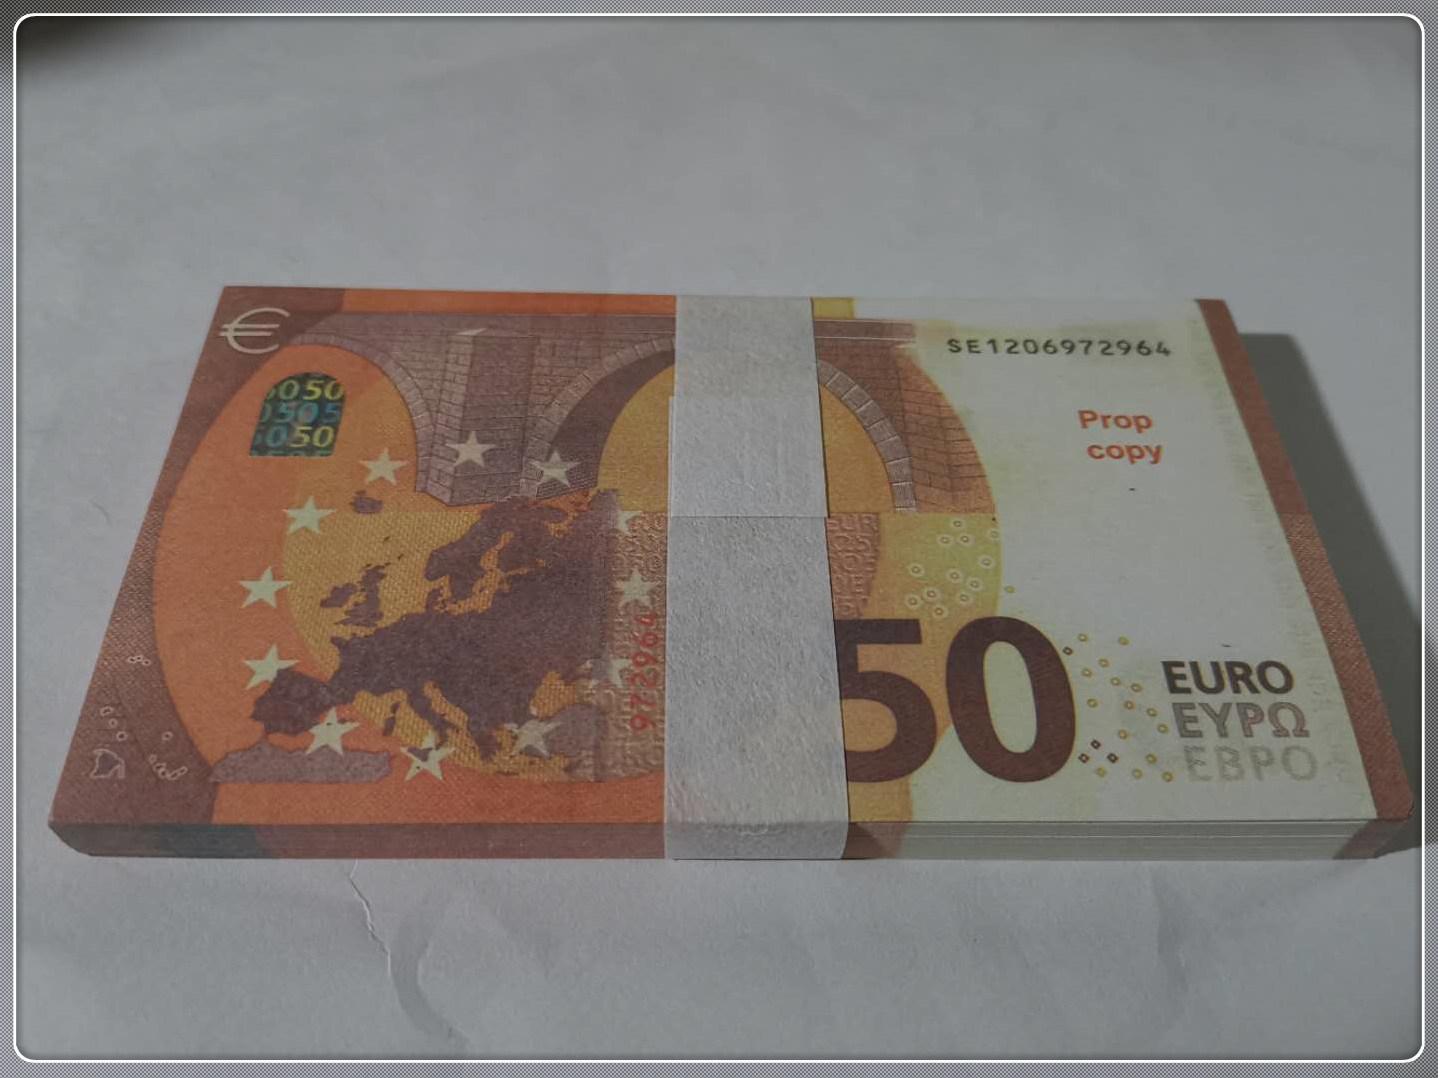 Kopieren von Euro Party Hot Bar Gefälschte Atmosphäre 50 Bühne Schießen RGHFA PROP PROP Le50-01 Fälschung Banknote Spielzeug MV CWNTE